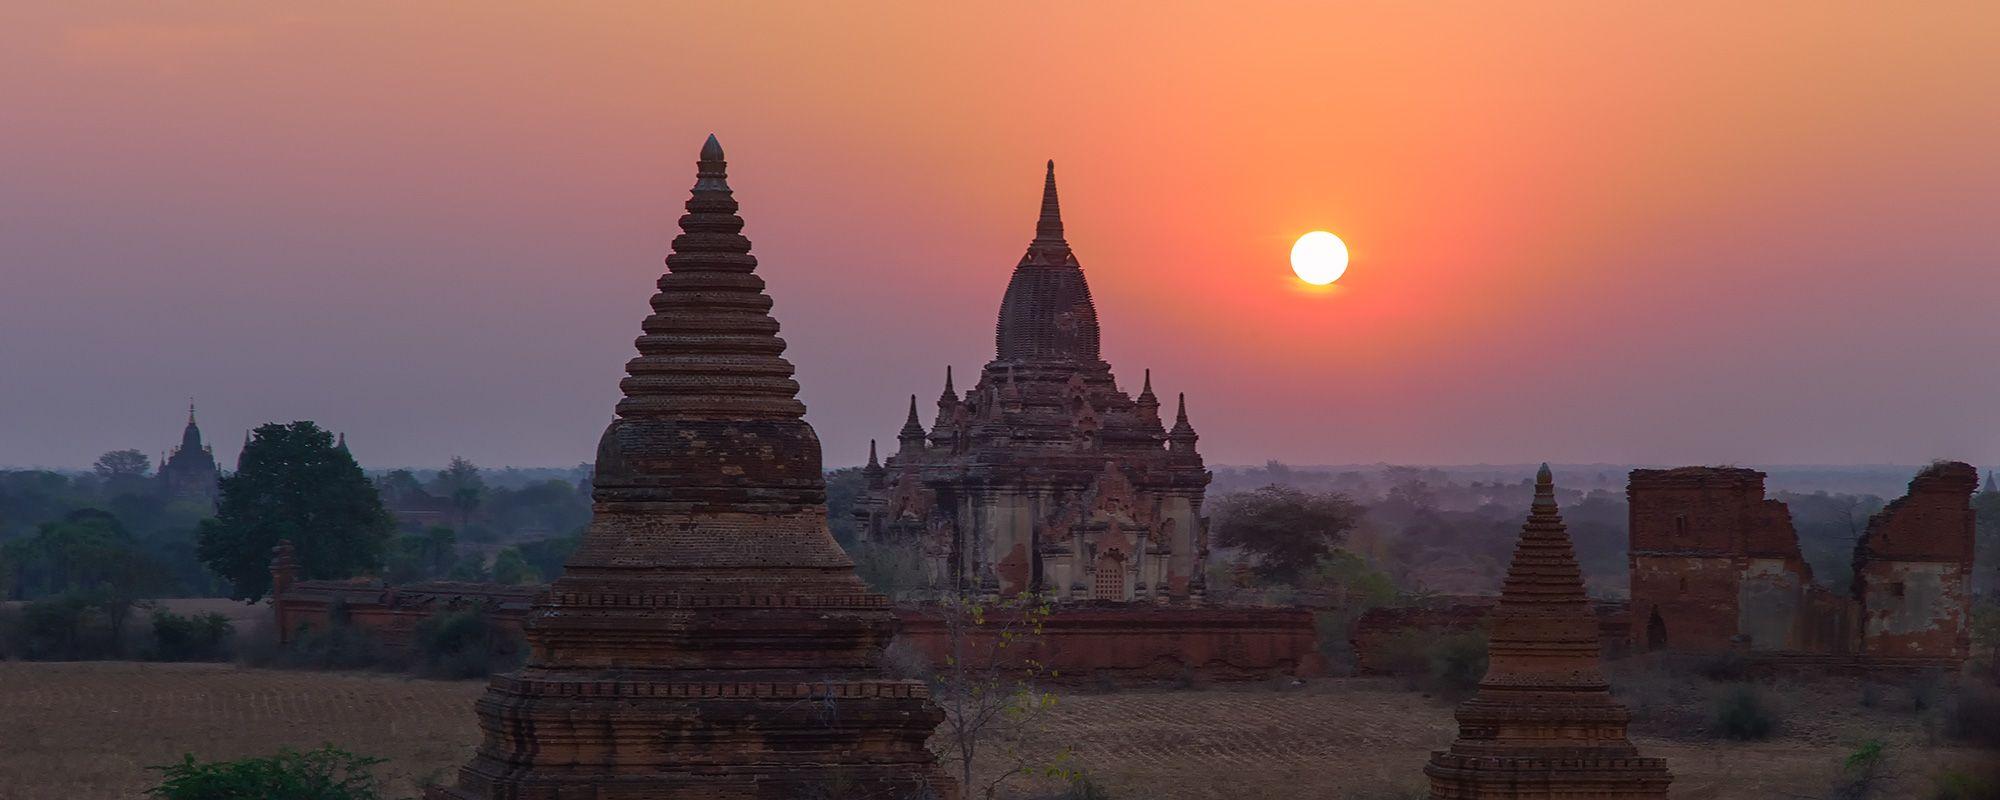 Sonnenaufgang in Bagan